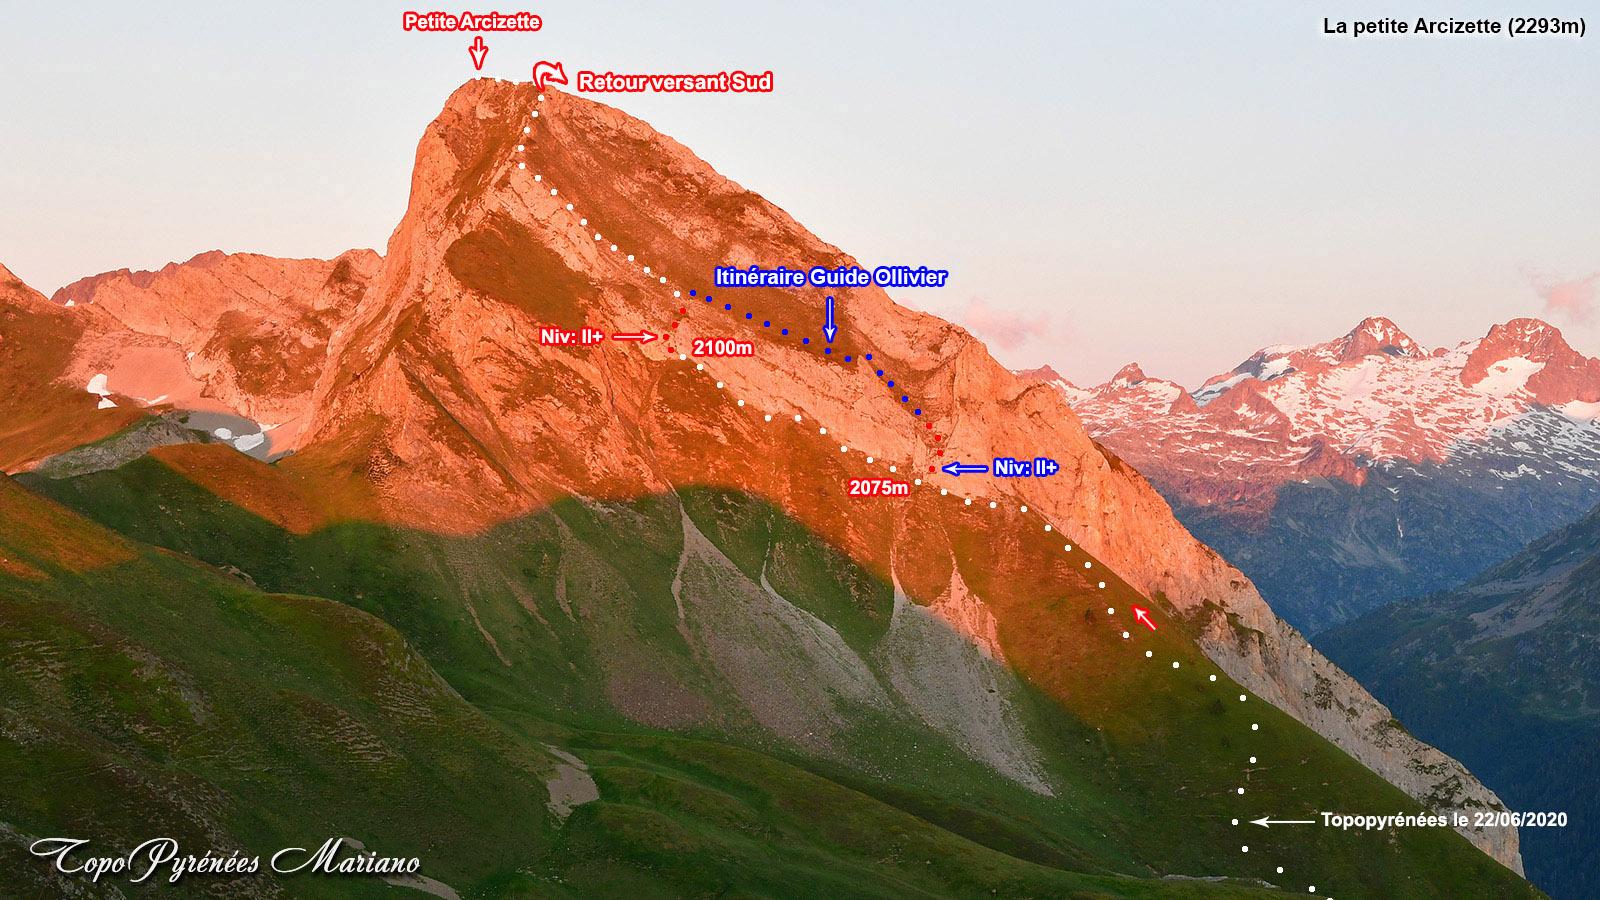 La Petite Arcizette (2293m)